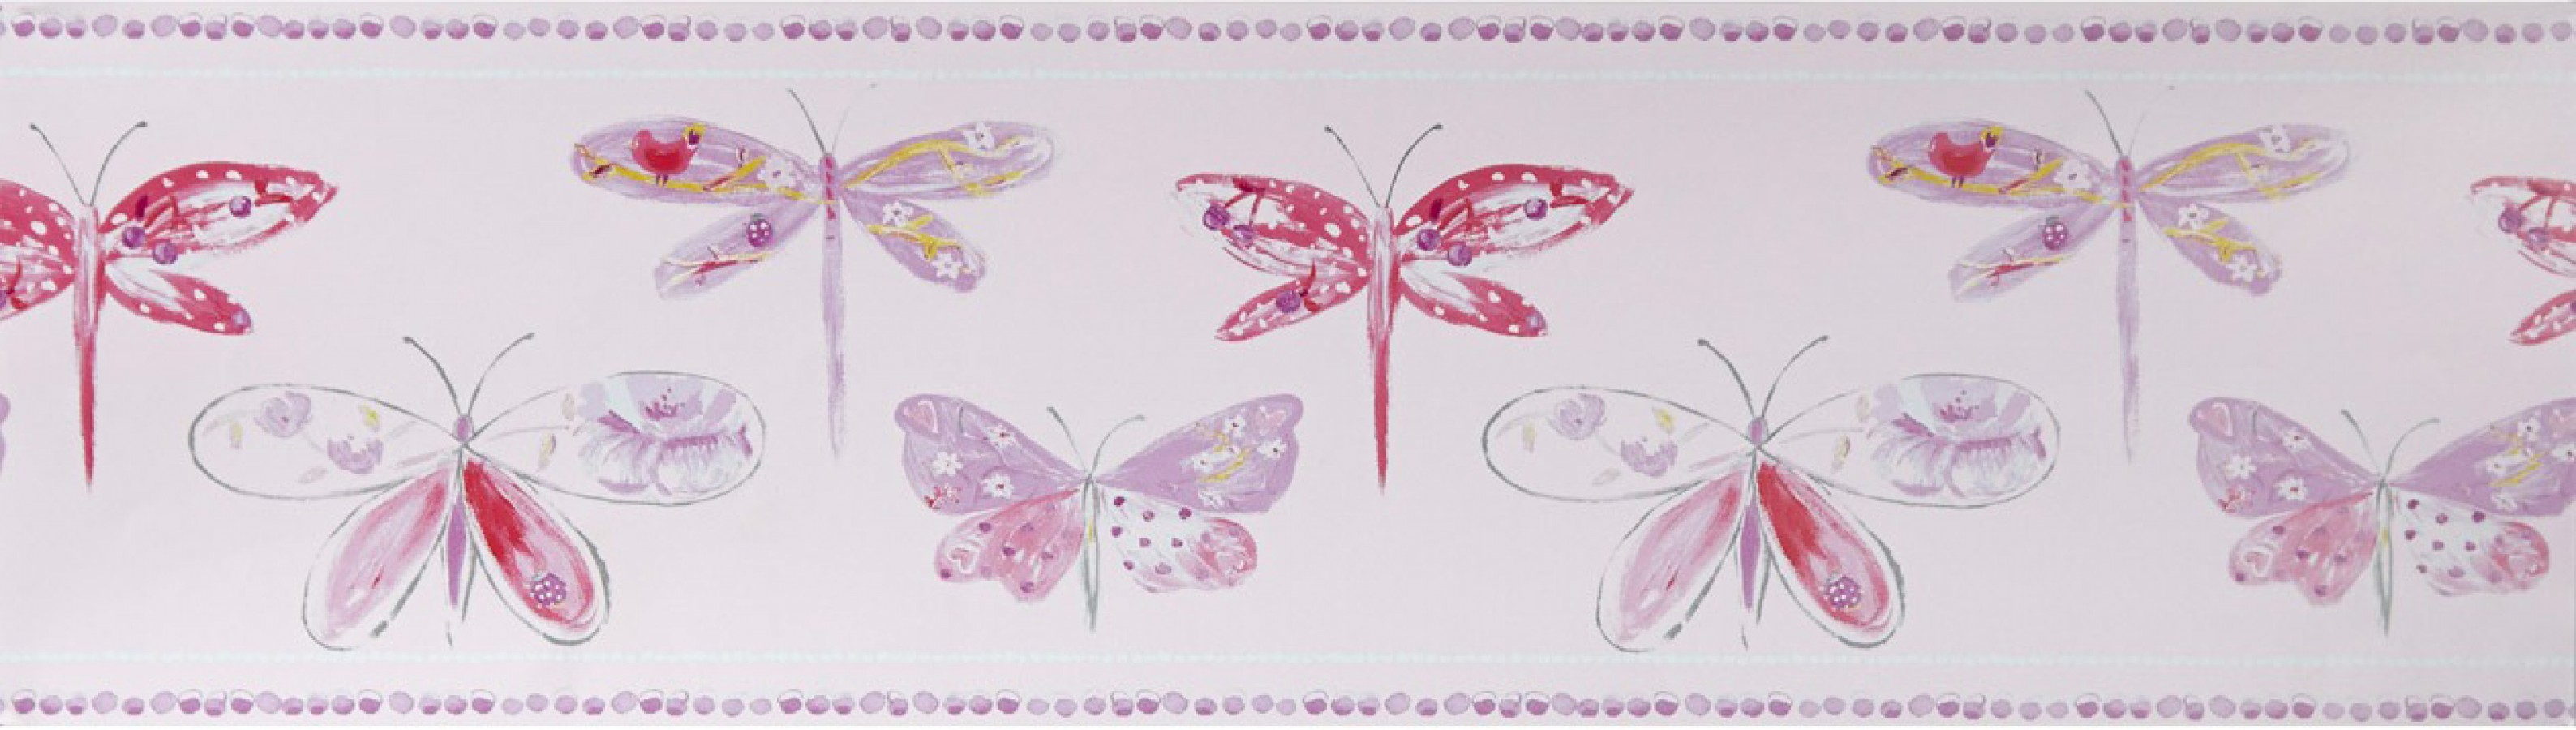 Cenefa mariposas y libélulas Small Libelflies 342134